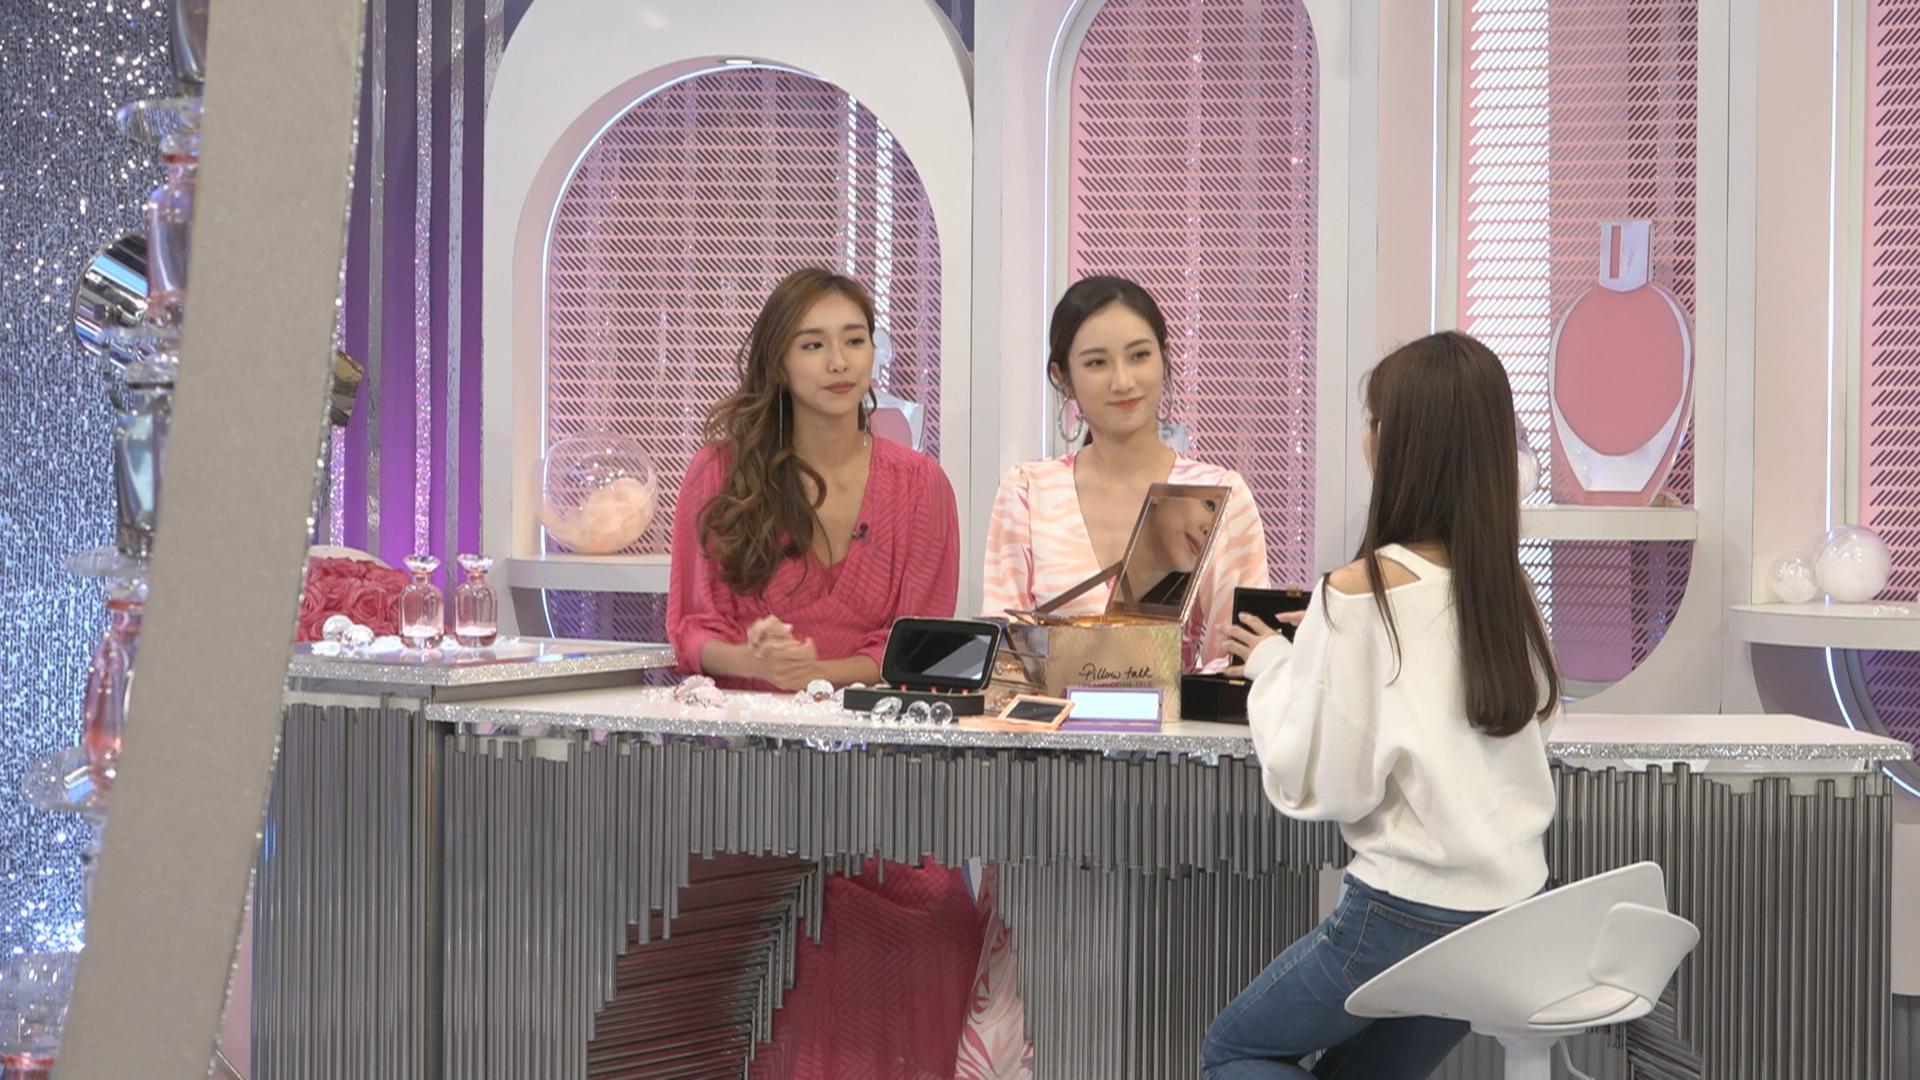 曾淑雅蔡嘉欣拍攝《姊妹淘》 興奮為各種保養化妝品開箱